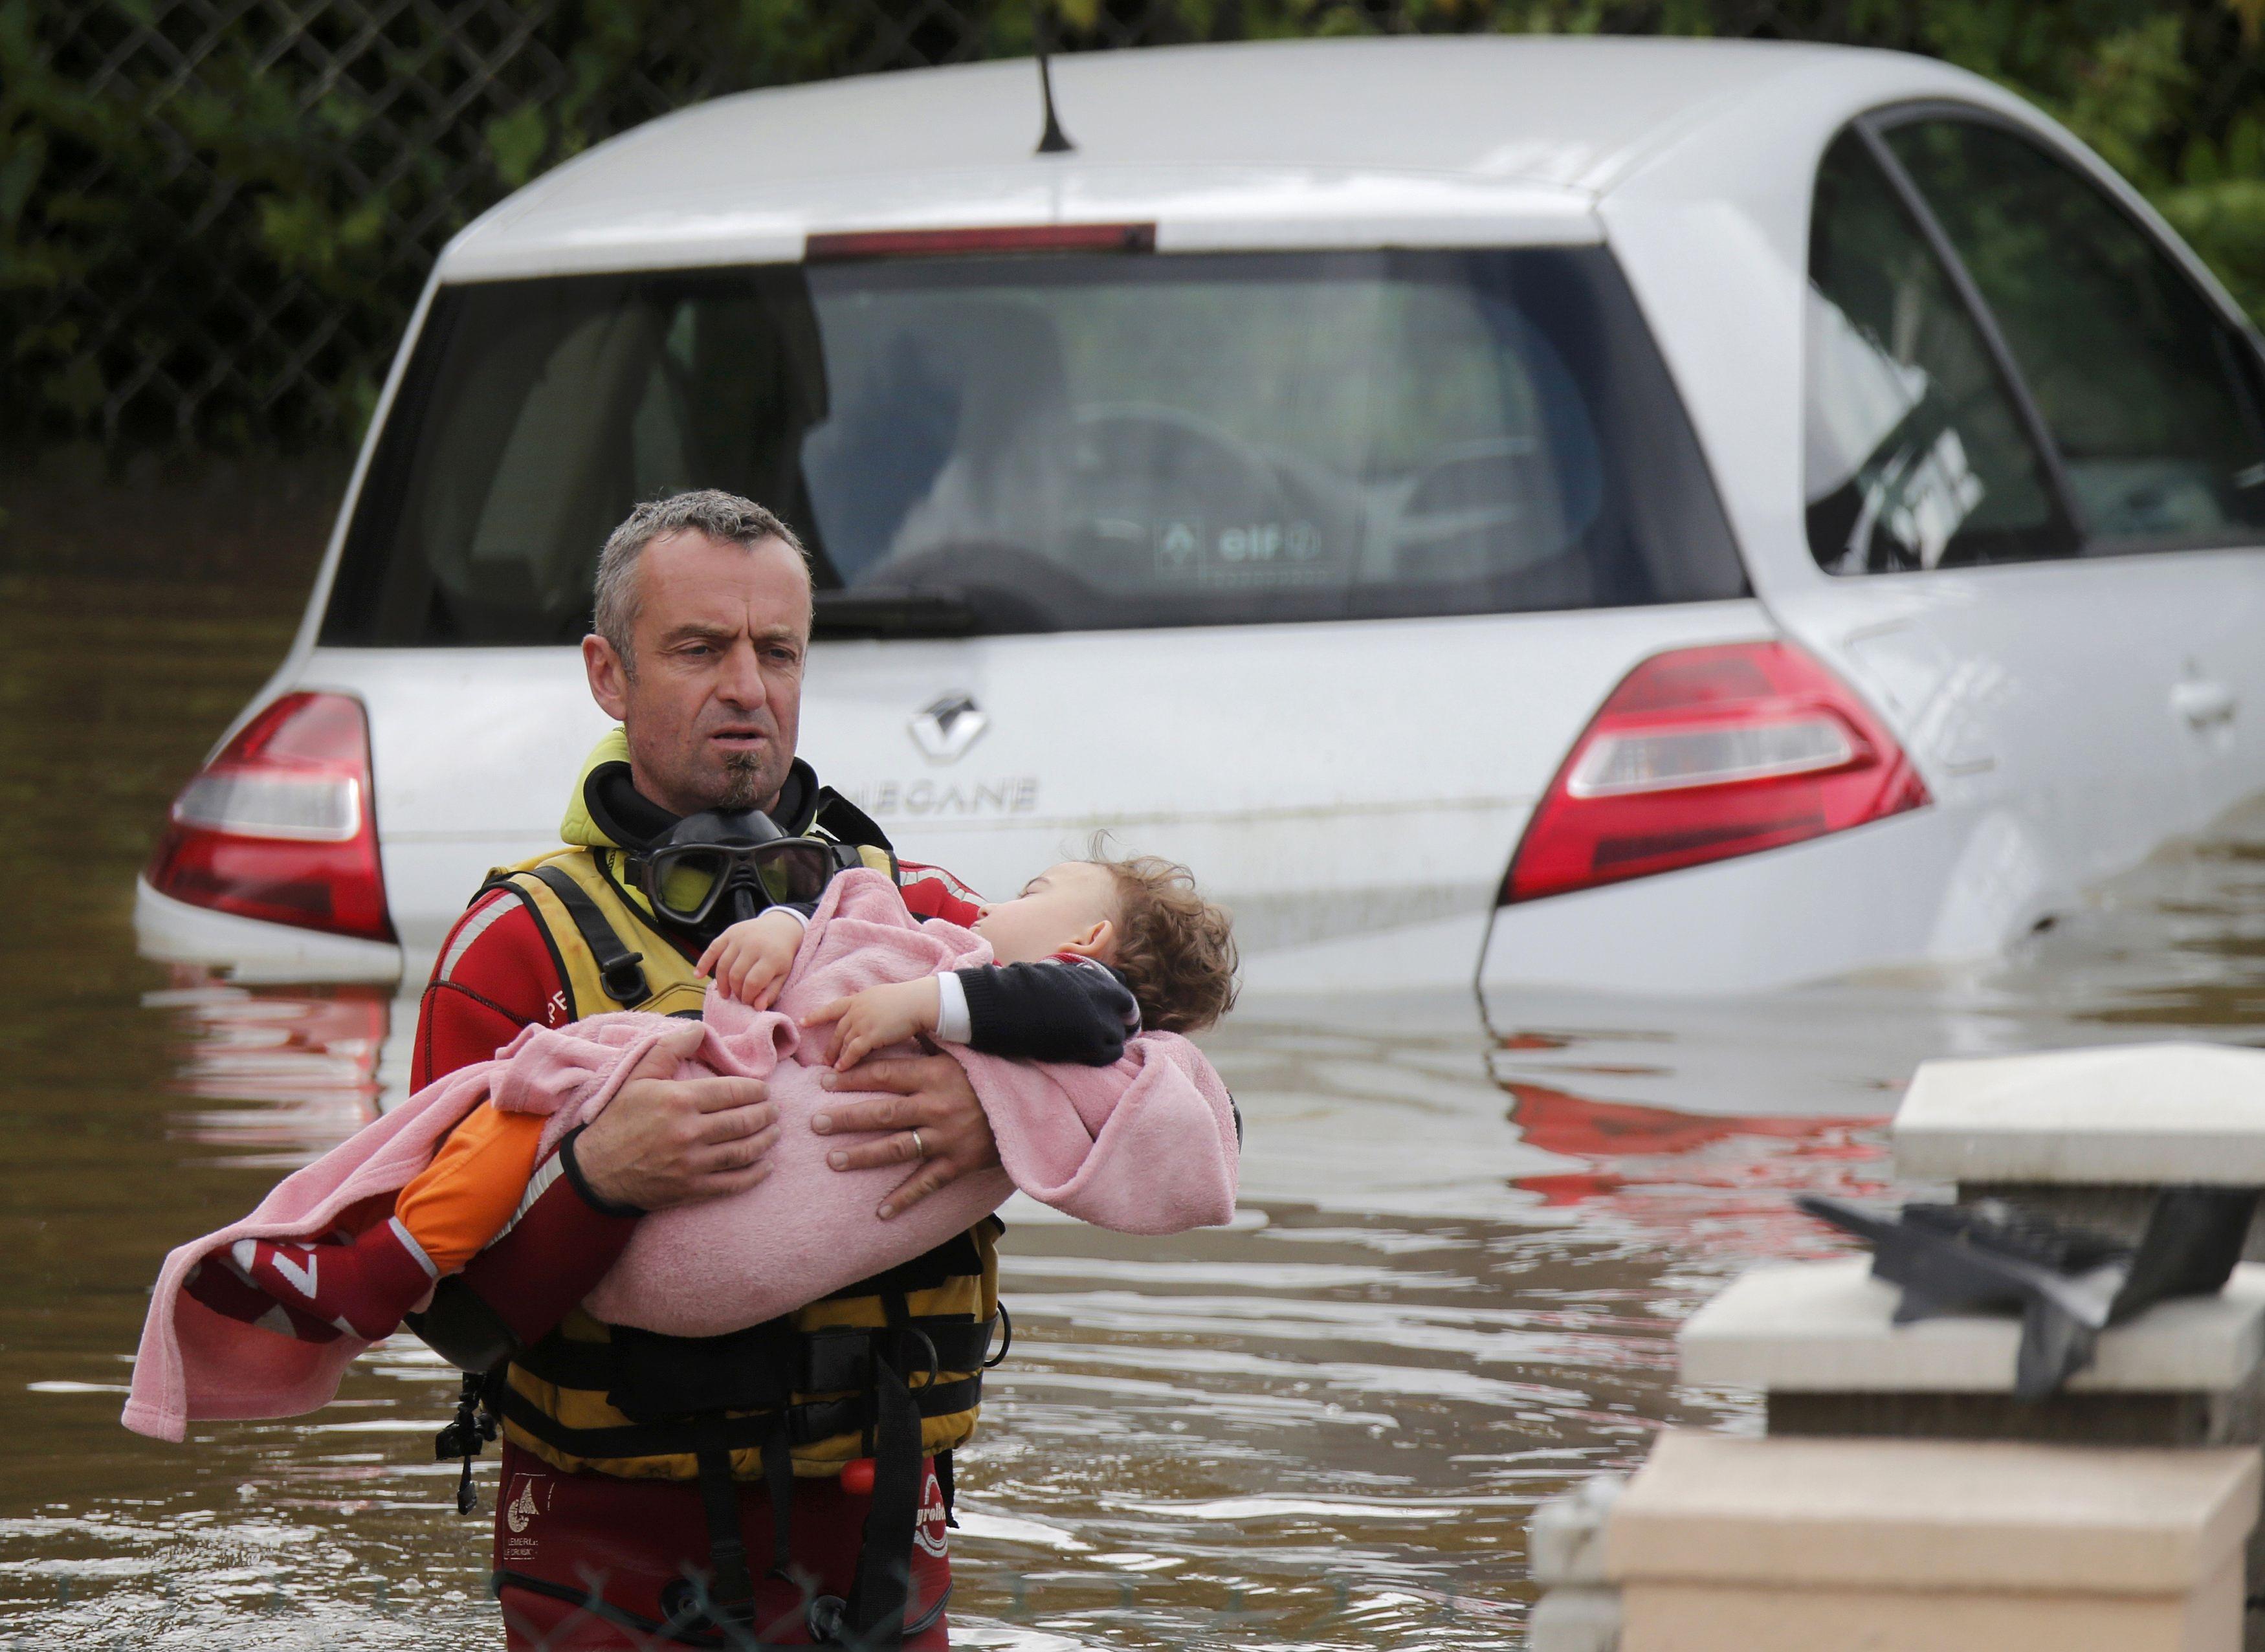 Một em bé được bế ra khỏi ngôi nhà ngập lụt ở Chalette-sur-Loing (Ảnh: Reuters)